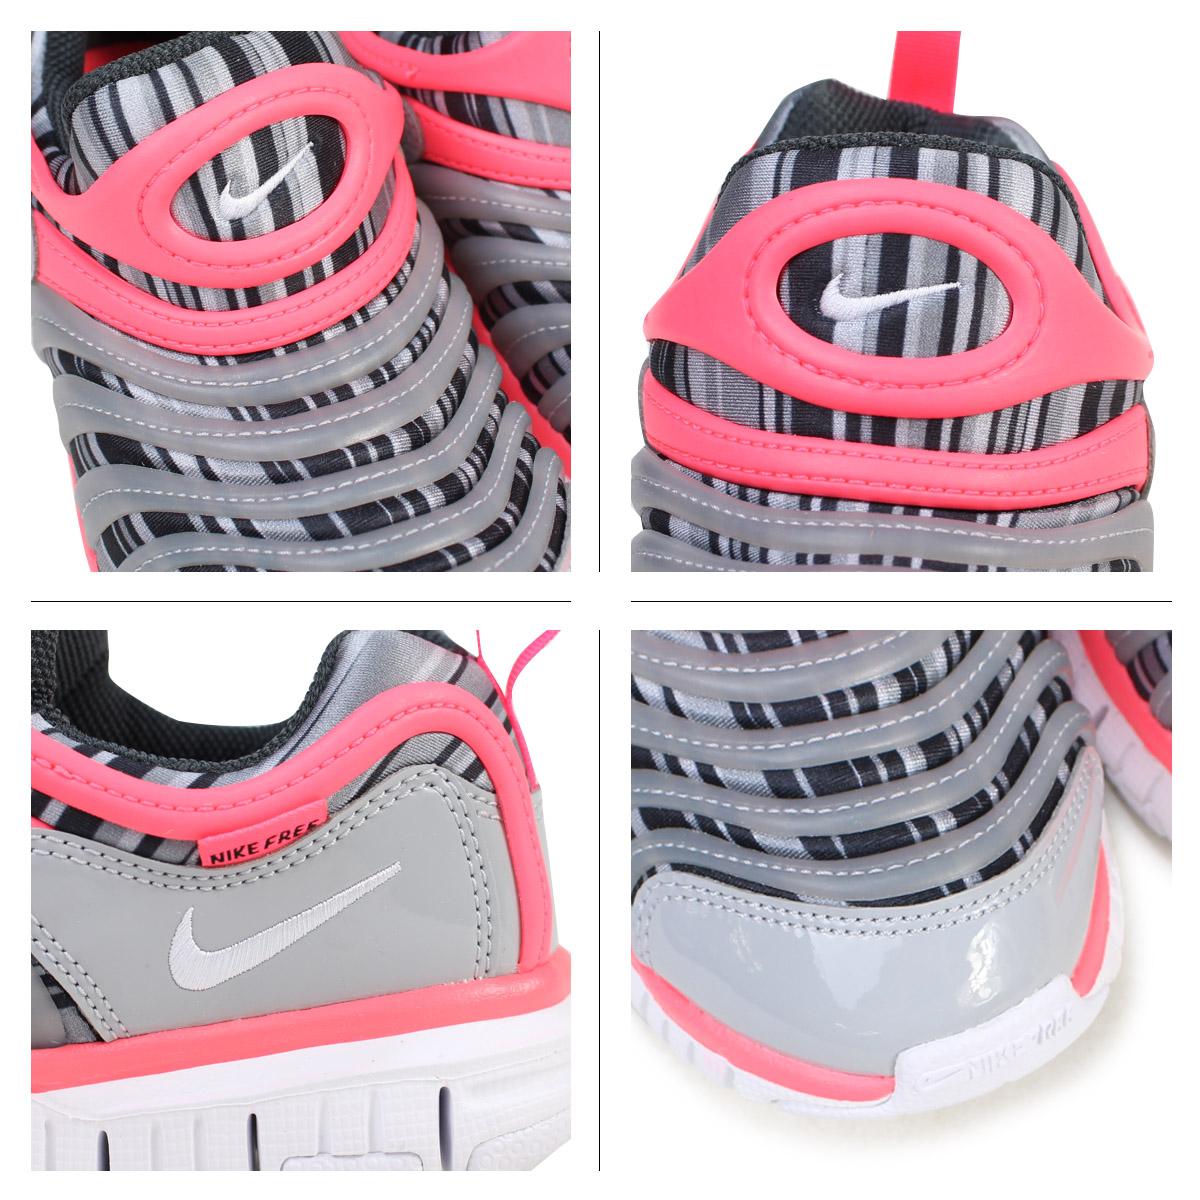 44bdc92ea5e0 Whats up Sports  NIKE Nike dynamo-free kids Jr. child shoes sneakers ...